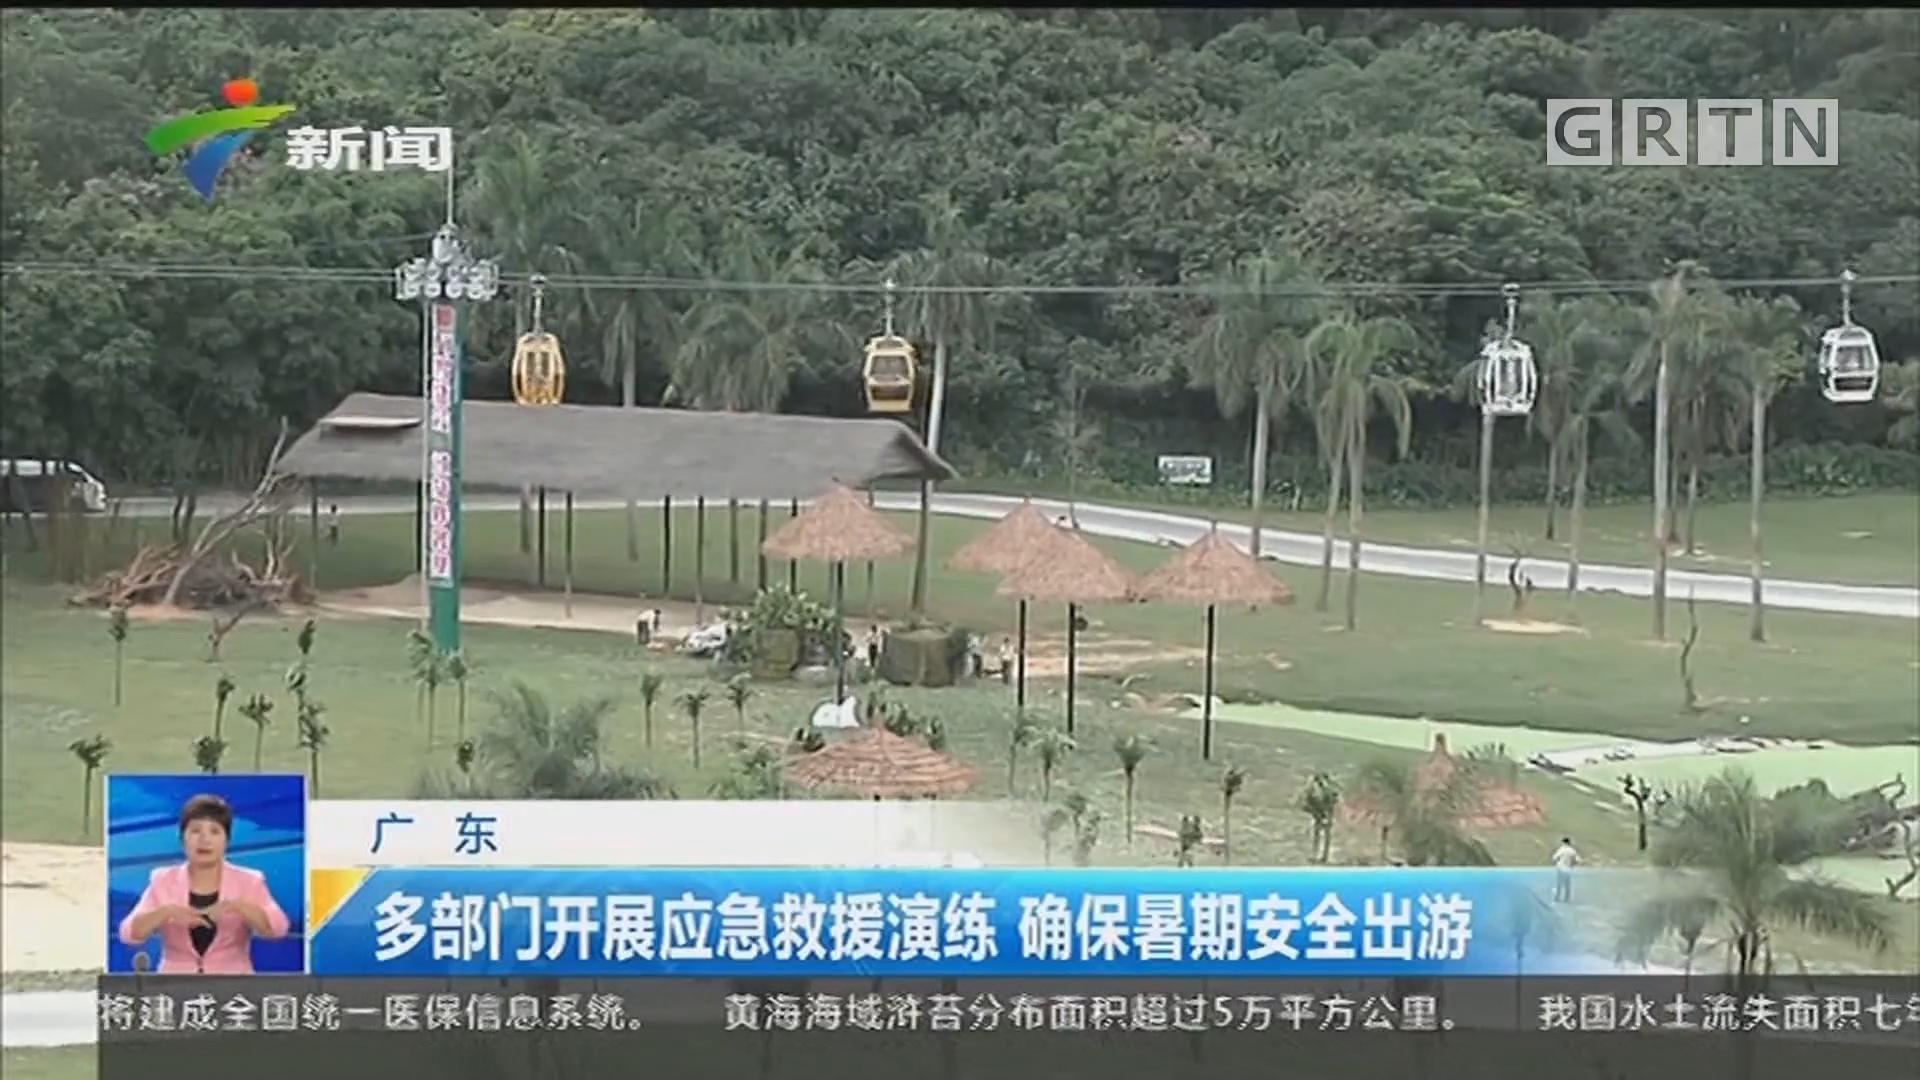 廣東:多部門開展應急救援演練 確保暑期安全出游